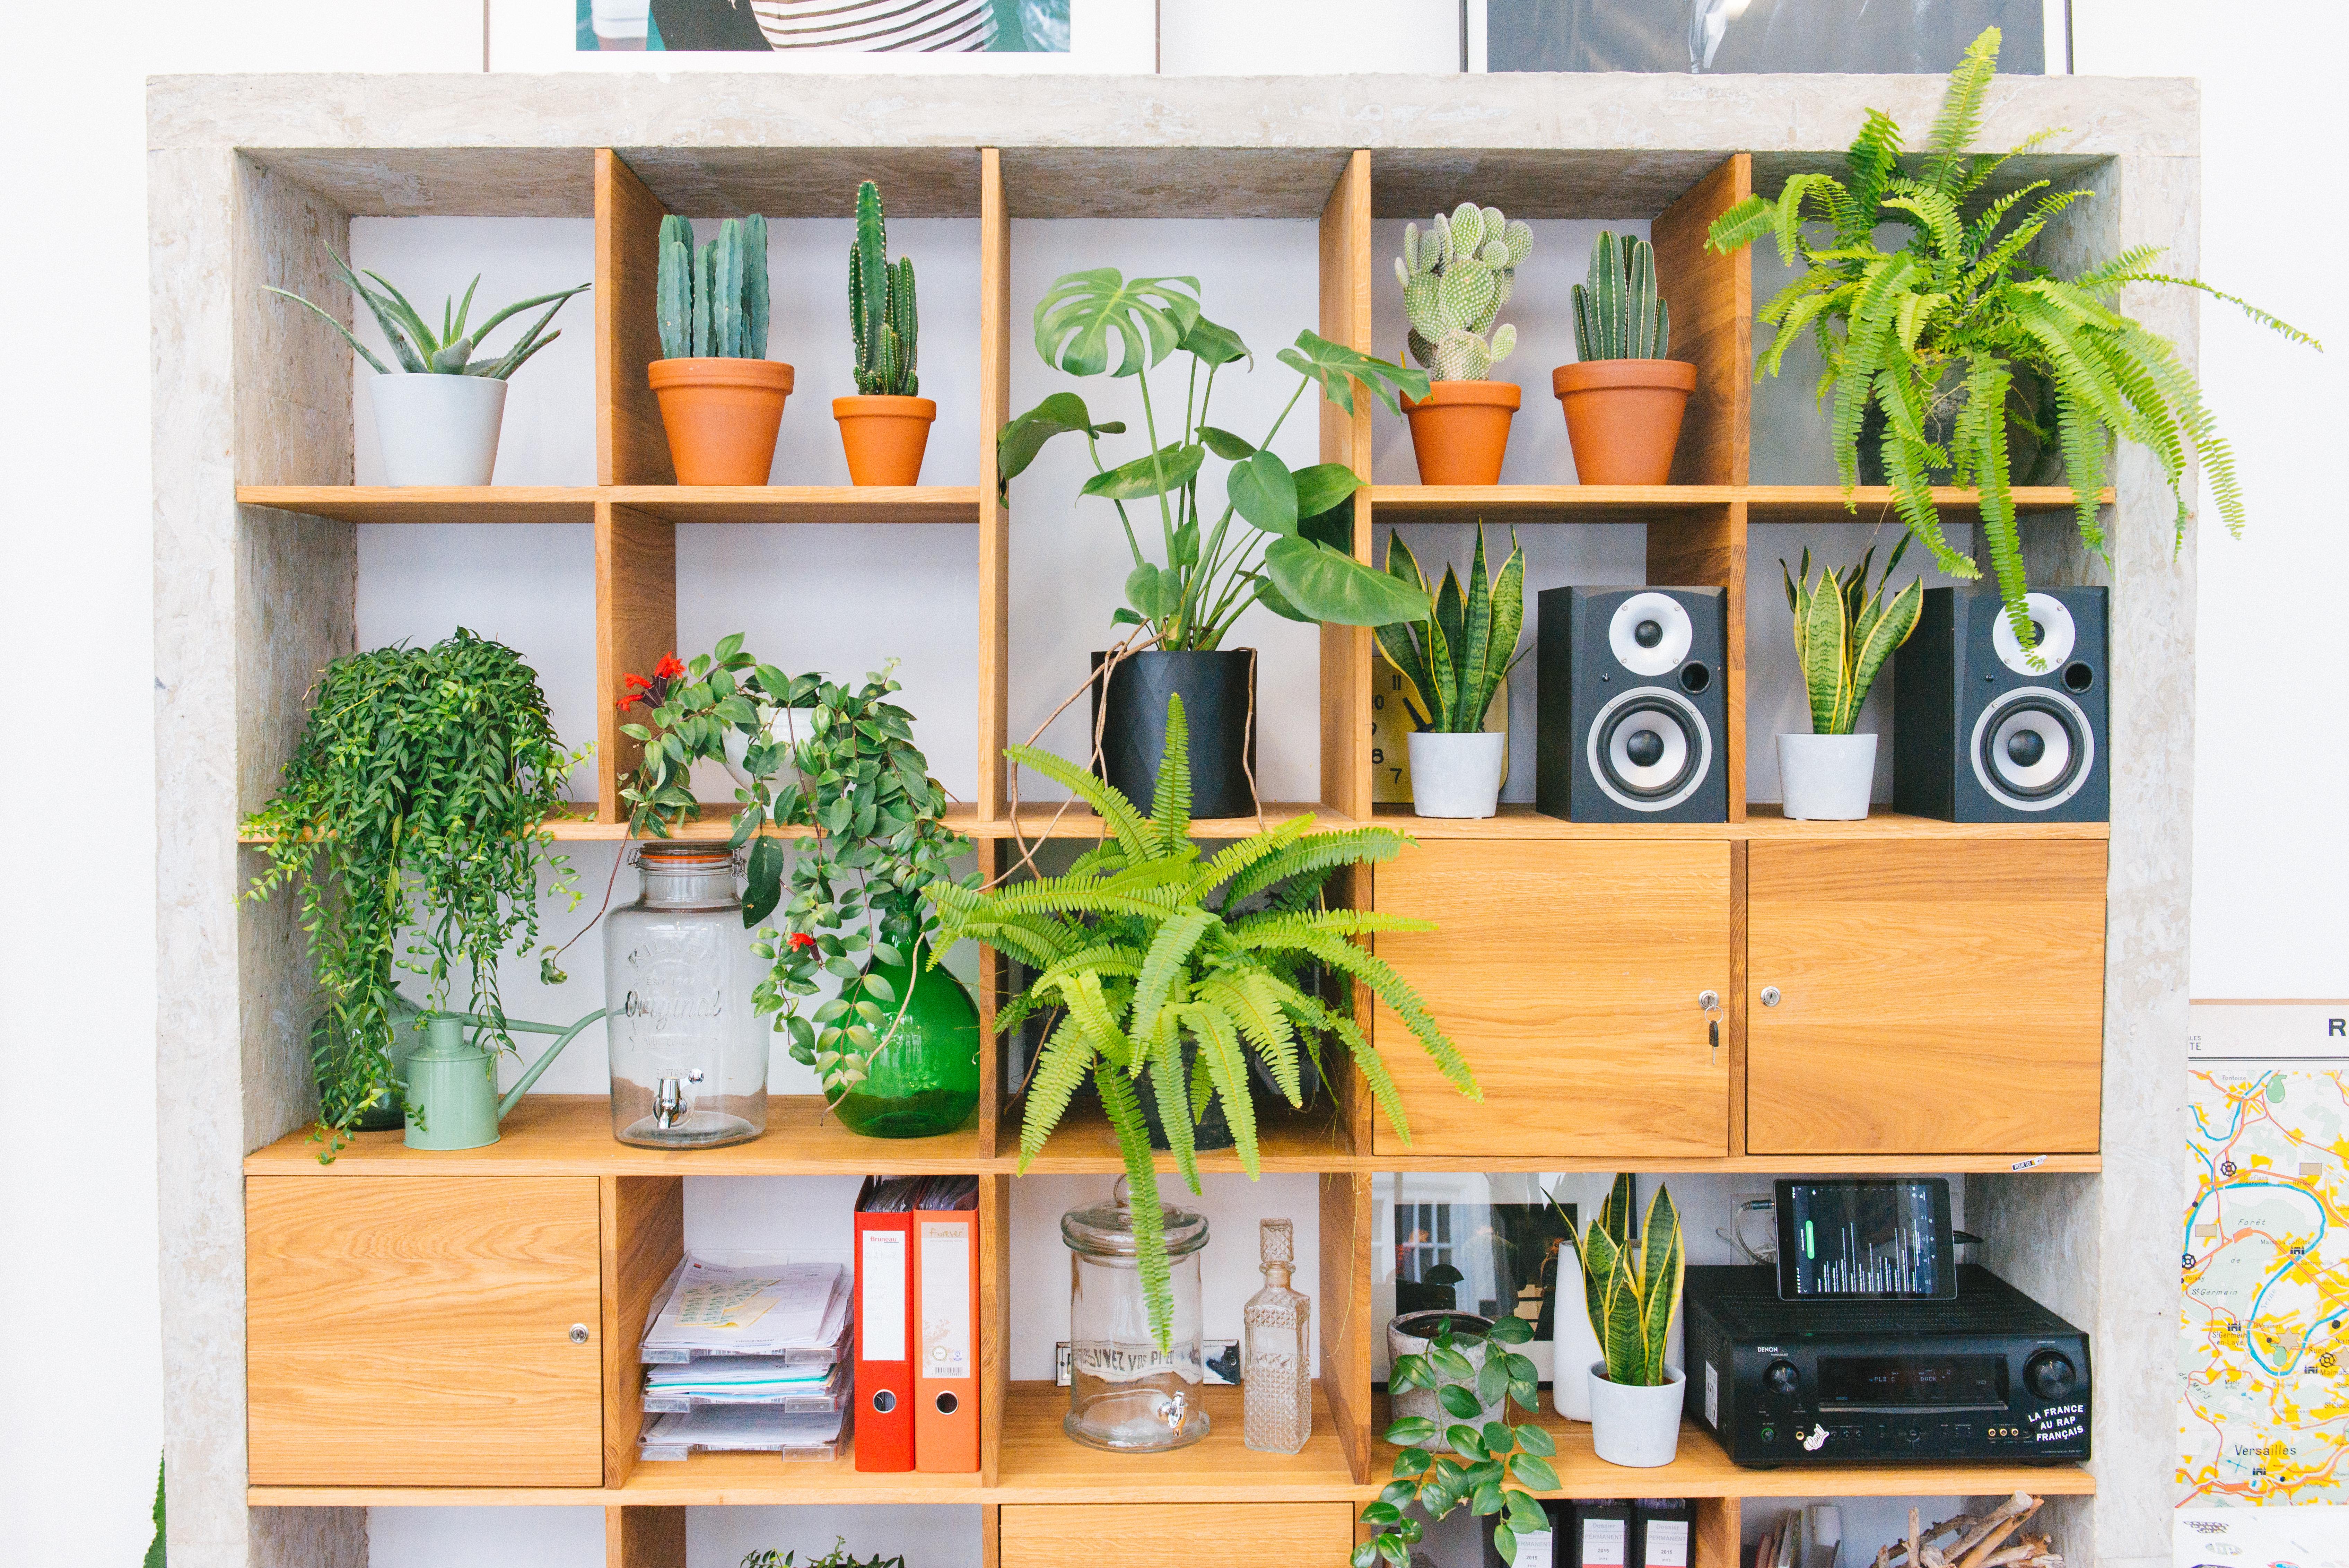 bibliothèque bureau décoration végétale végétalisation